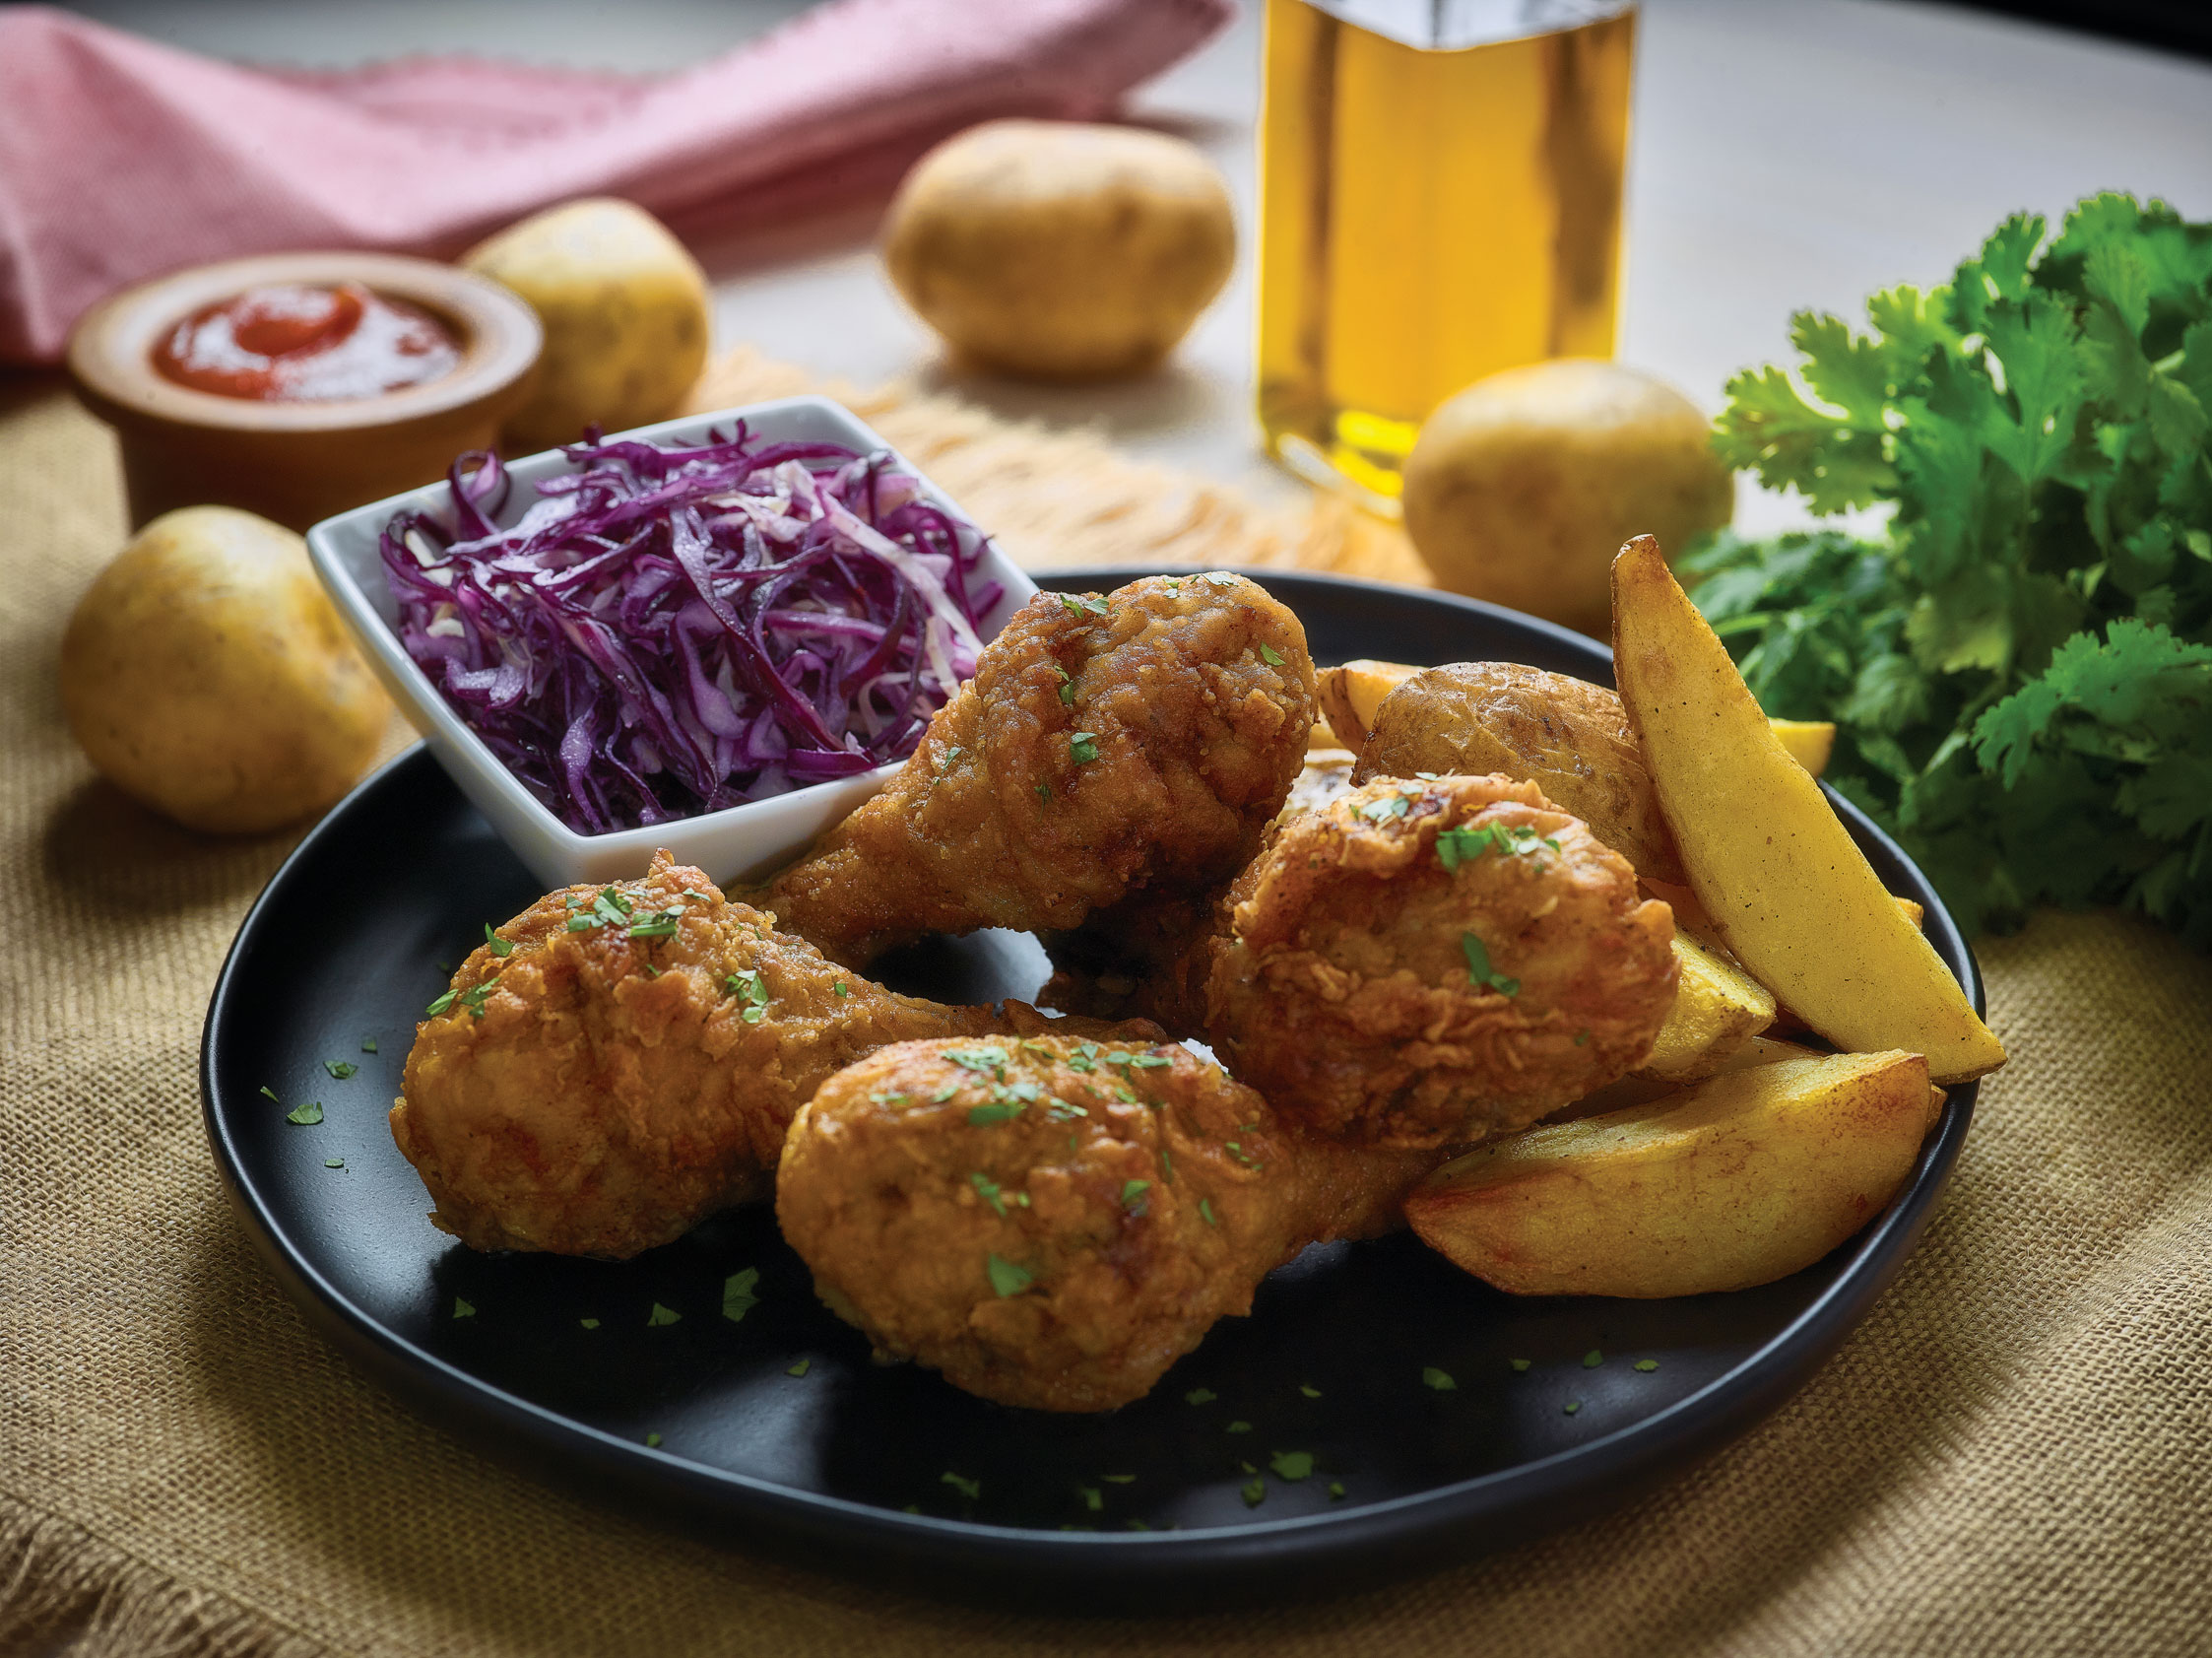 Fried Chicken & Wedges